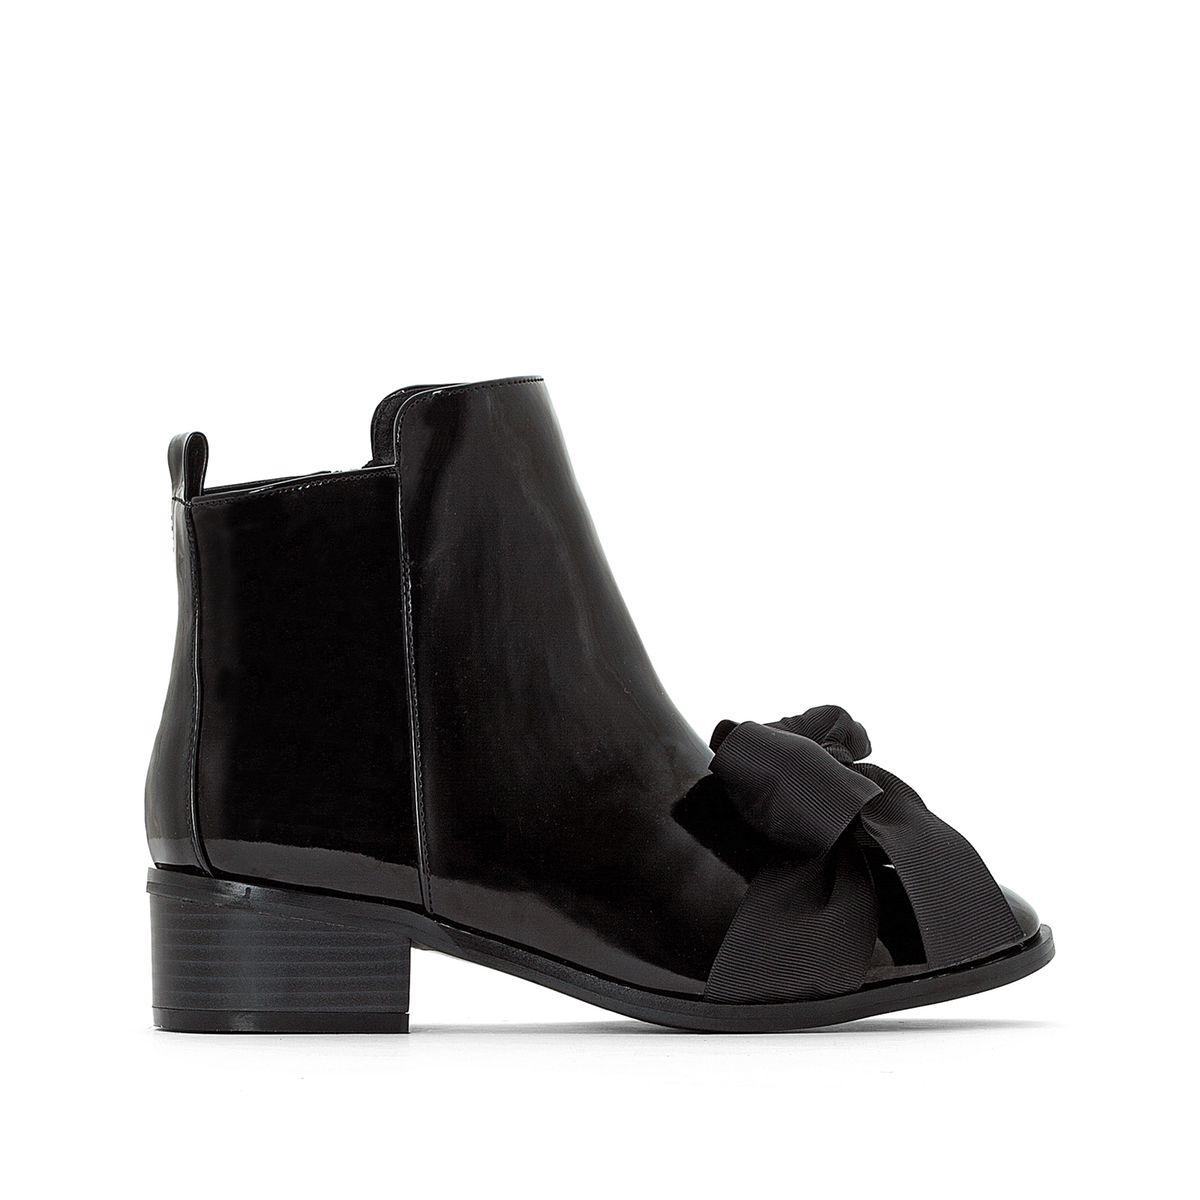 Boots effet vernis, noeud